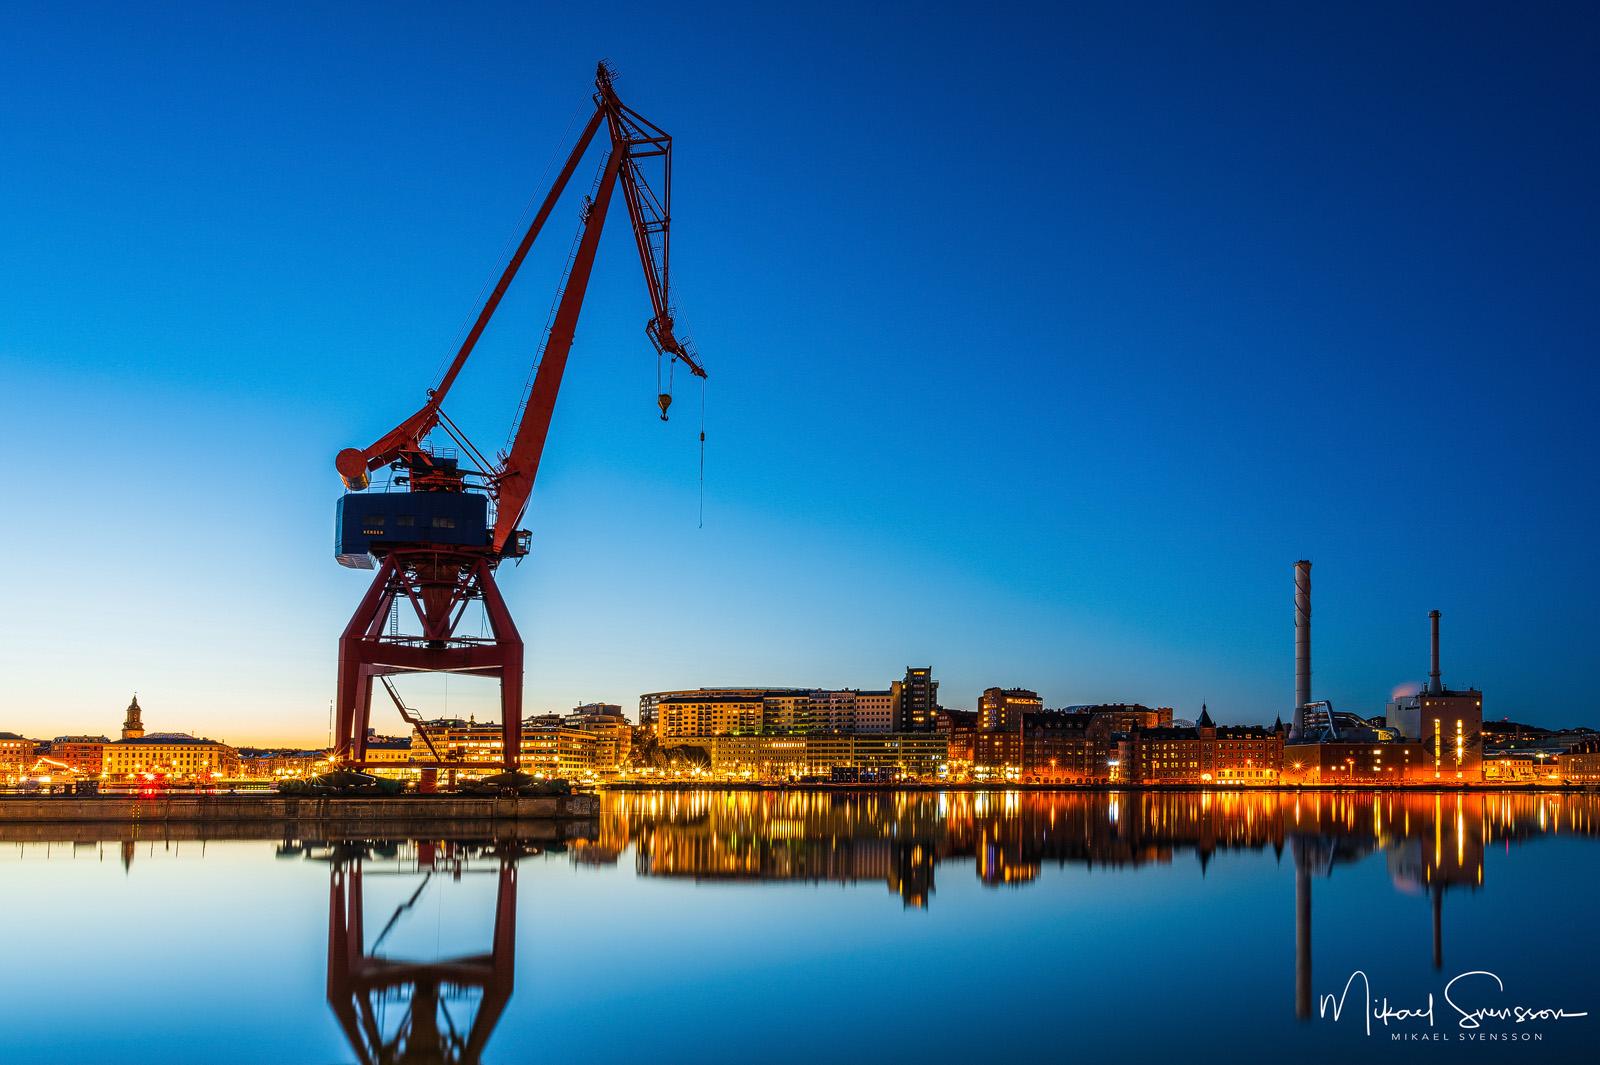 Varvskran speglar sig i stilla älv. Göteborg.